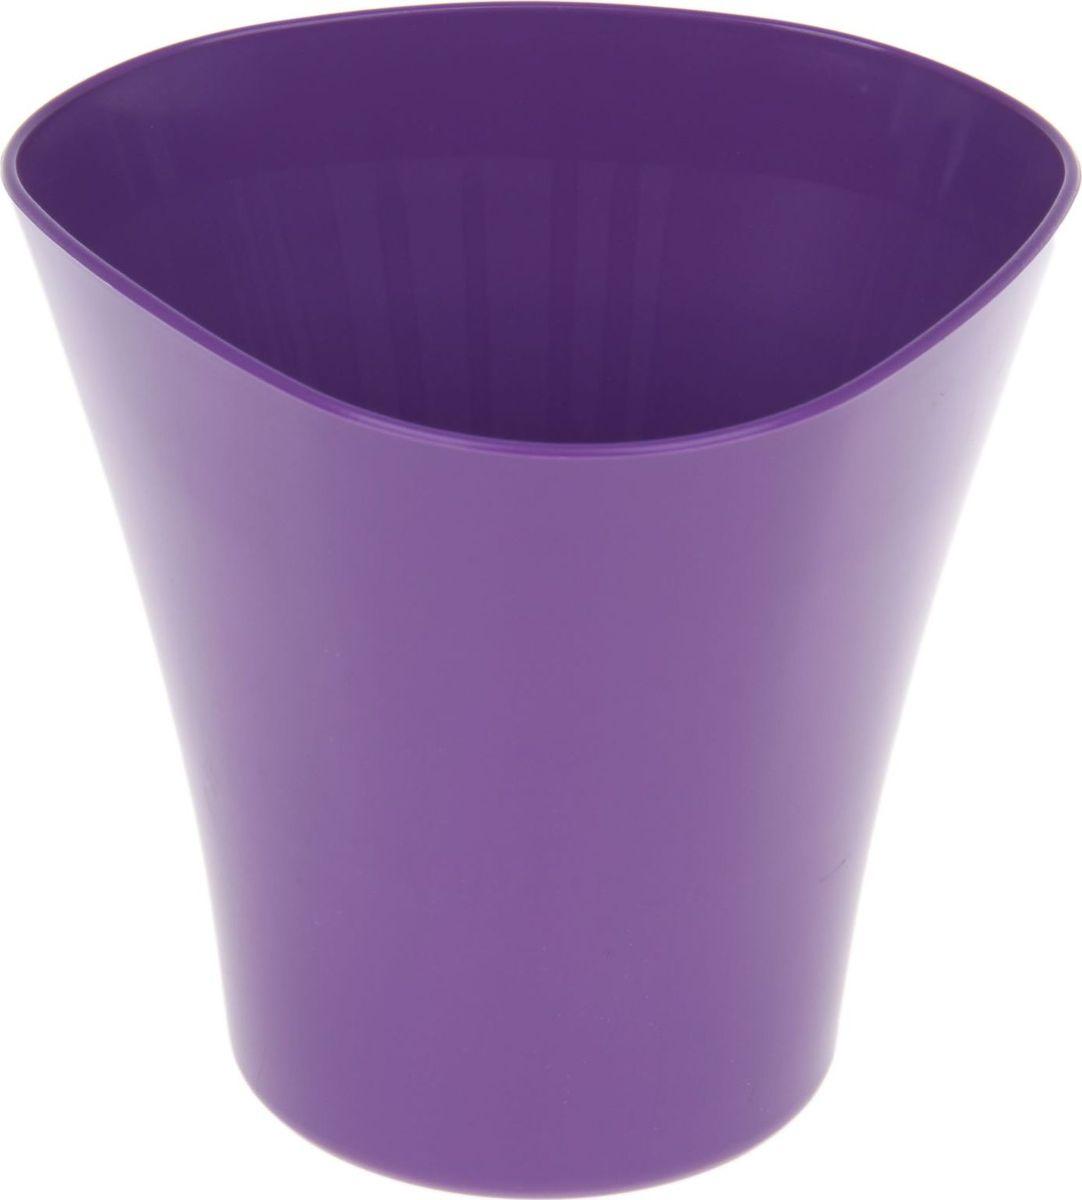 Кашпо JetPlast Волна, цвет: фиолетовый, 3 л4612754050611Любой, даже самый современный и продуманный интерьер будет не завершенным без растений. Они не только очищают воздух и насыщают его кислородом, но и заметно украшают окружающее пространство. Такому полезному члену семьи просто необходимо красивое и функциональное кашпо, оригинальный горшок или необычная ваза! Мы предлагаем - Кашпо 3 л Волна, цвет фиолетовый! Оптимальный выбор материала - это пластмасса! Почему мы так считаем? Малый вес. С легкостью переносите горшки и кашпо с места на место, ставьте их на столики или полки, подвешивайте под потолок, не беспокоясь о нагрузке. Простота ухода. Пластиковые изделия не нуждаются в специальных условиях хранения. Их легко чистить достаточно просто сполоснуть теплой водой. Никаких царапин. Пластиковые кашпо не царапают и не загрязняют поверхности, на которых стоят. Пластик дольше хранит влагу, а значит растение реже нуждается в поливе. Пластмасса не пропускает воздух корневой системе растения не грозят резкие перепады температур. Огромный выбор форм, декора и расцветок вы без труда подберете что-то, что идеально впишется в уже существующий интерьер. Соблюдая нехитрые правила ухода, вы можете заметно продлить срок службы горшков, вазонов и кашпо из пластика: всегда учитывайте размер кроны и корневой системы растения (при разрастании большое растение способно повредить маленький горшок) берегите изделие от воздействия прямых солнечных лучей, чтобы кашпо и горшки не выцветали держите кашпо и горшки из пластика подальше от нагревающихся поверхностей. Создавайте прекрасные цветочные композиции, выращивайте рассаду или необычные растения, а низкие цены позволят вам не ограничивать себя в выборе.